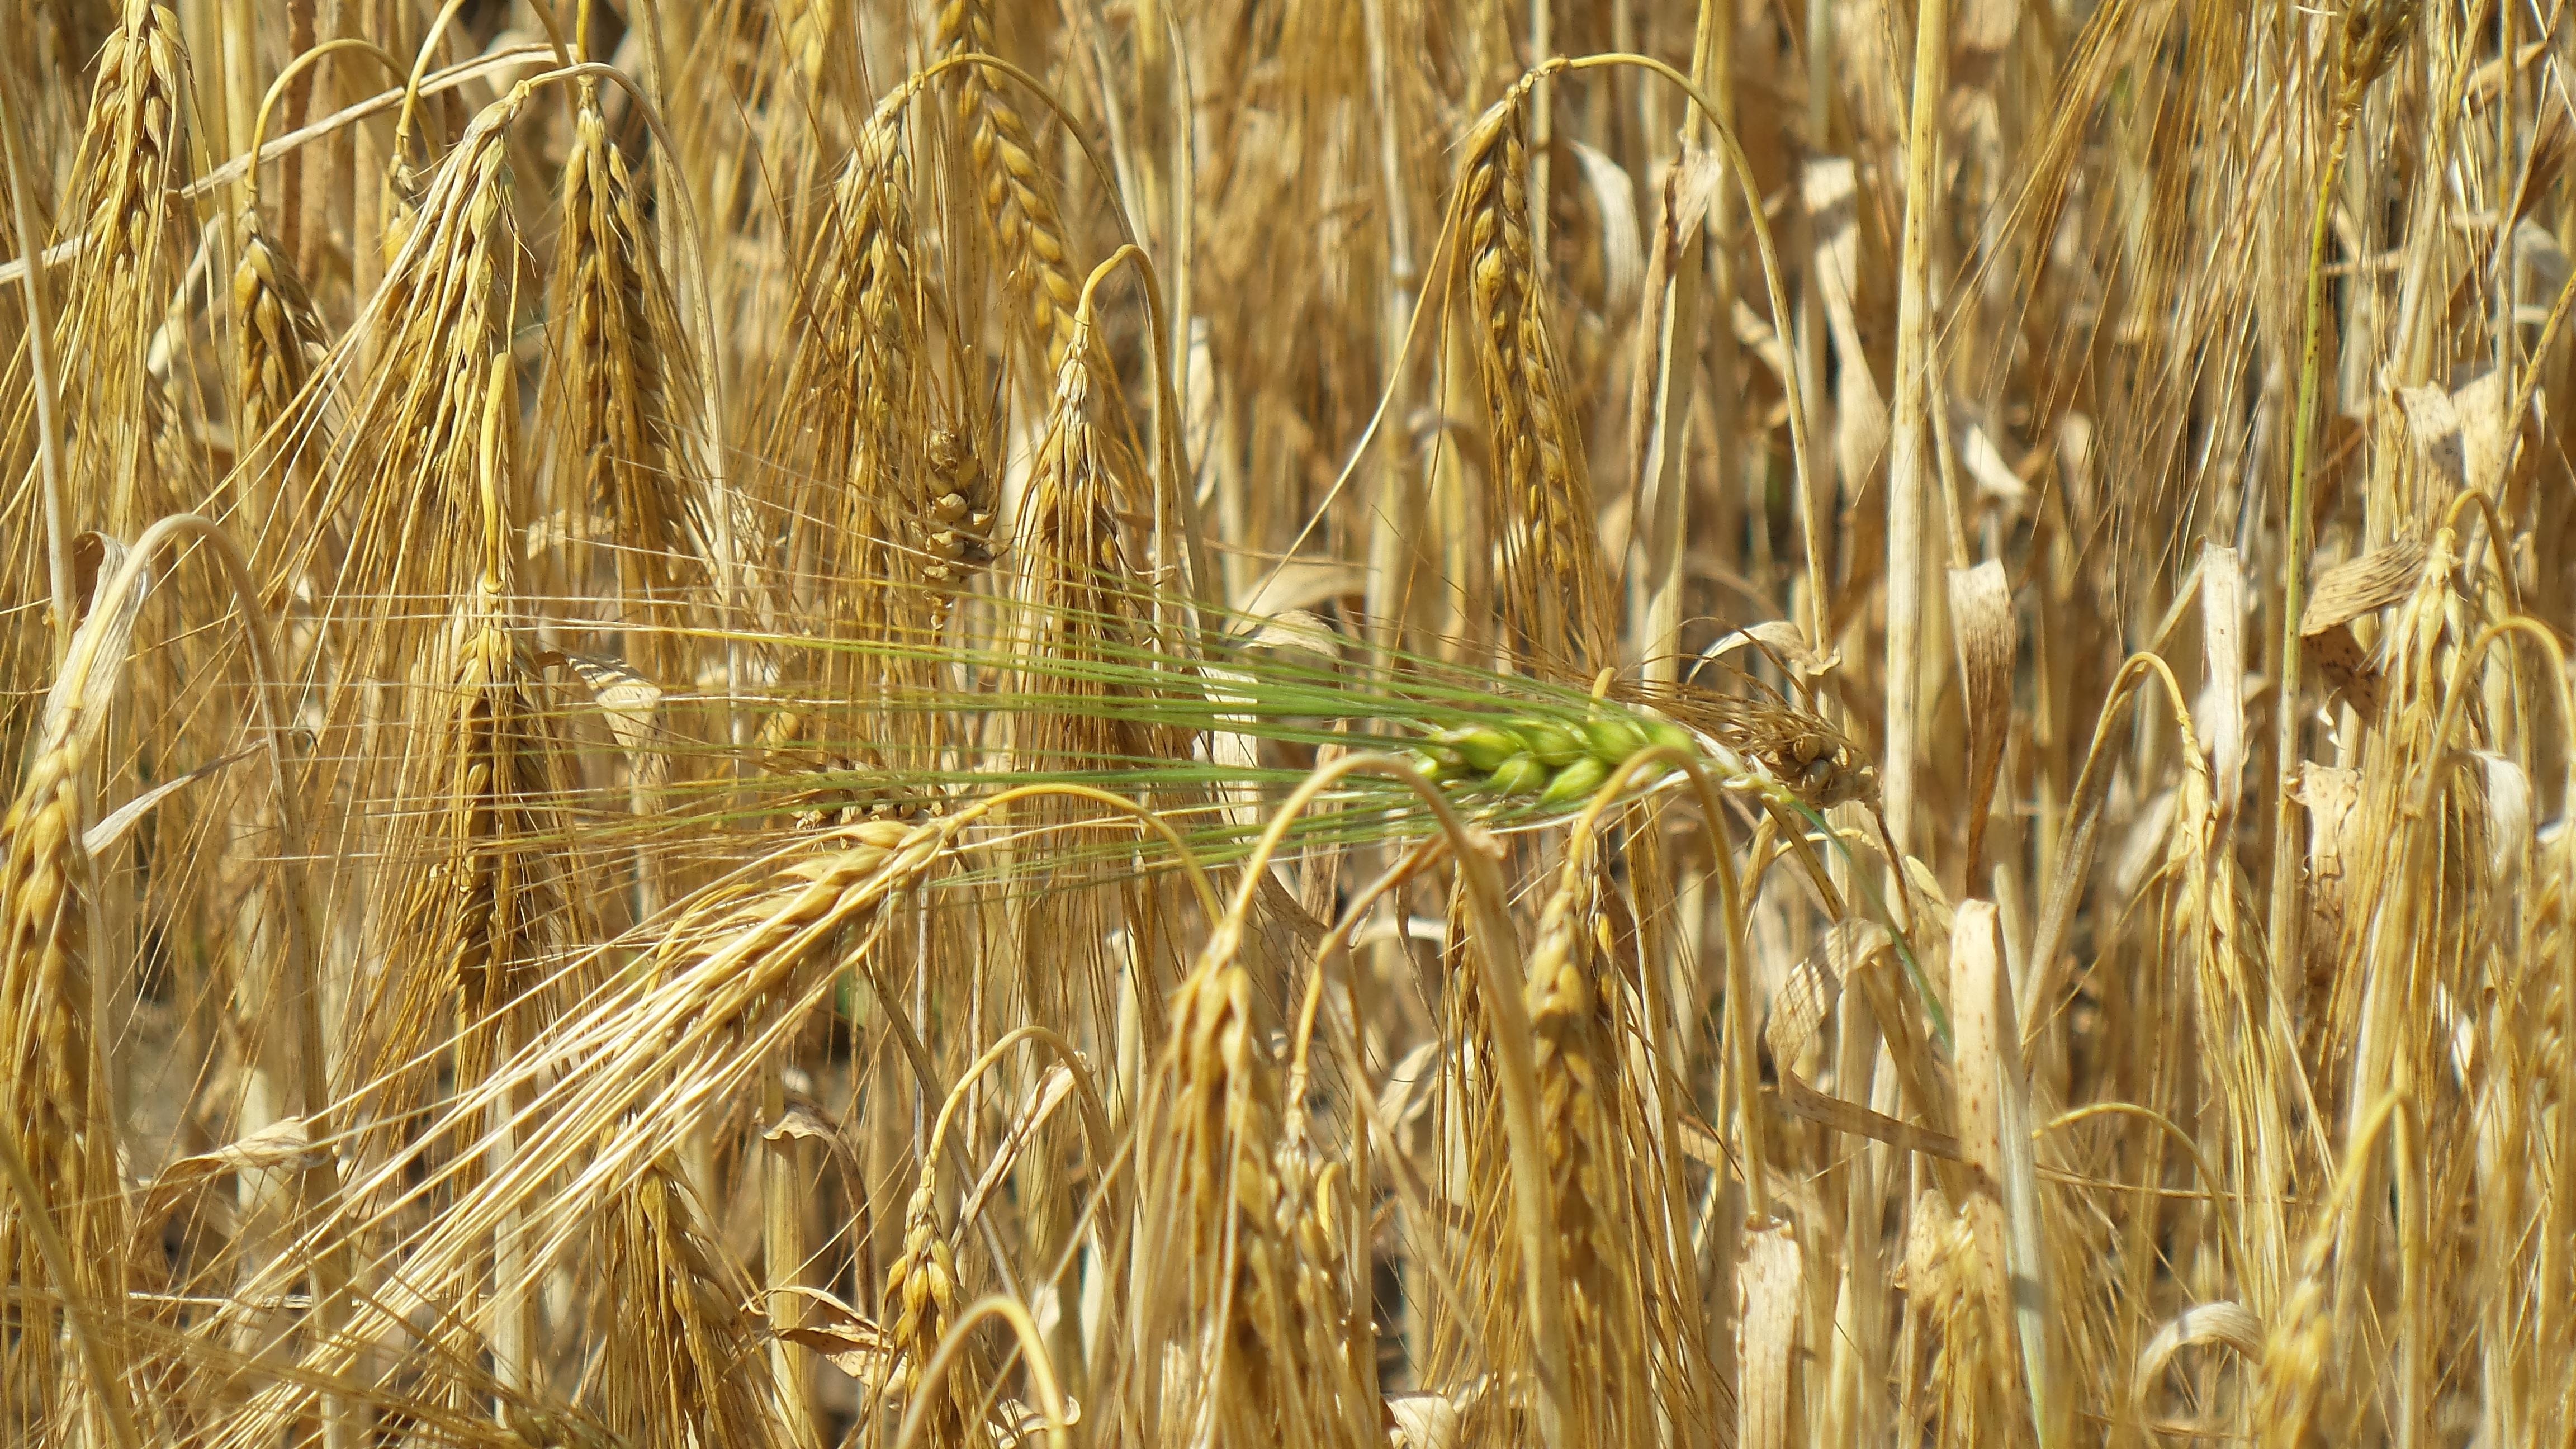 свойственен немалый картинки пшеница ячмень рожь одном селе возле